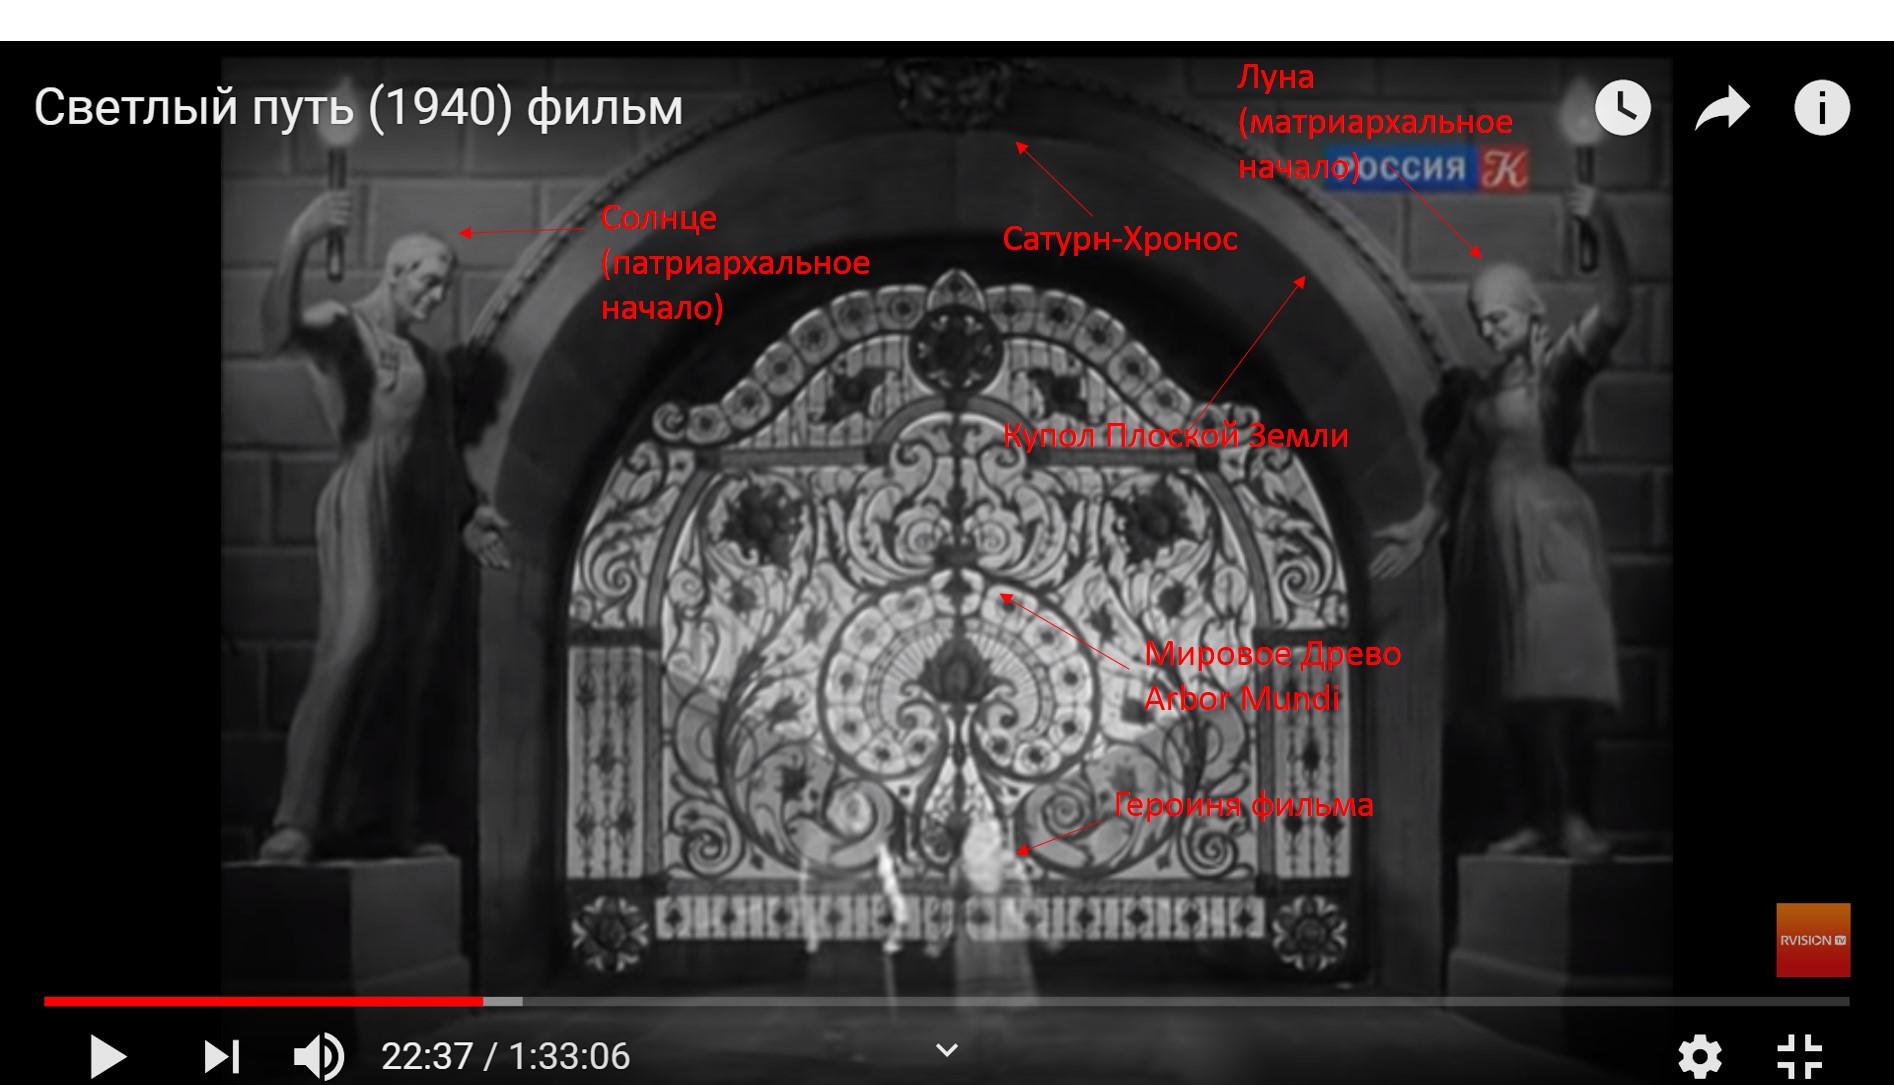 http://images.vfl.ru/ii/1579343558/2fd52854/29240791.jpg